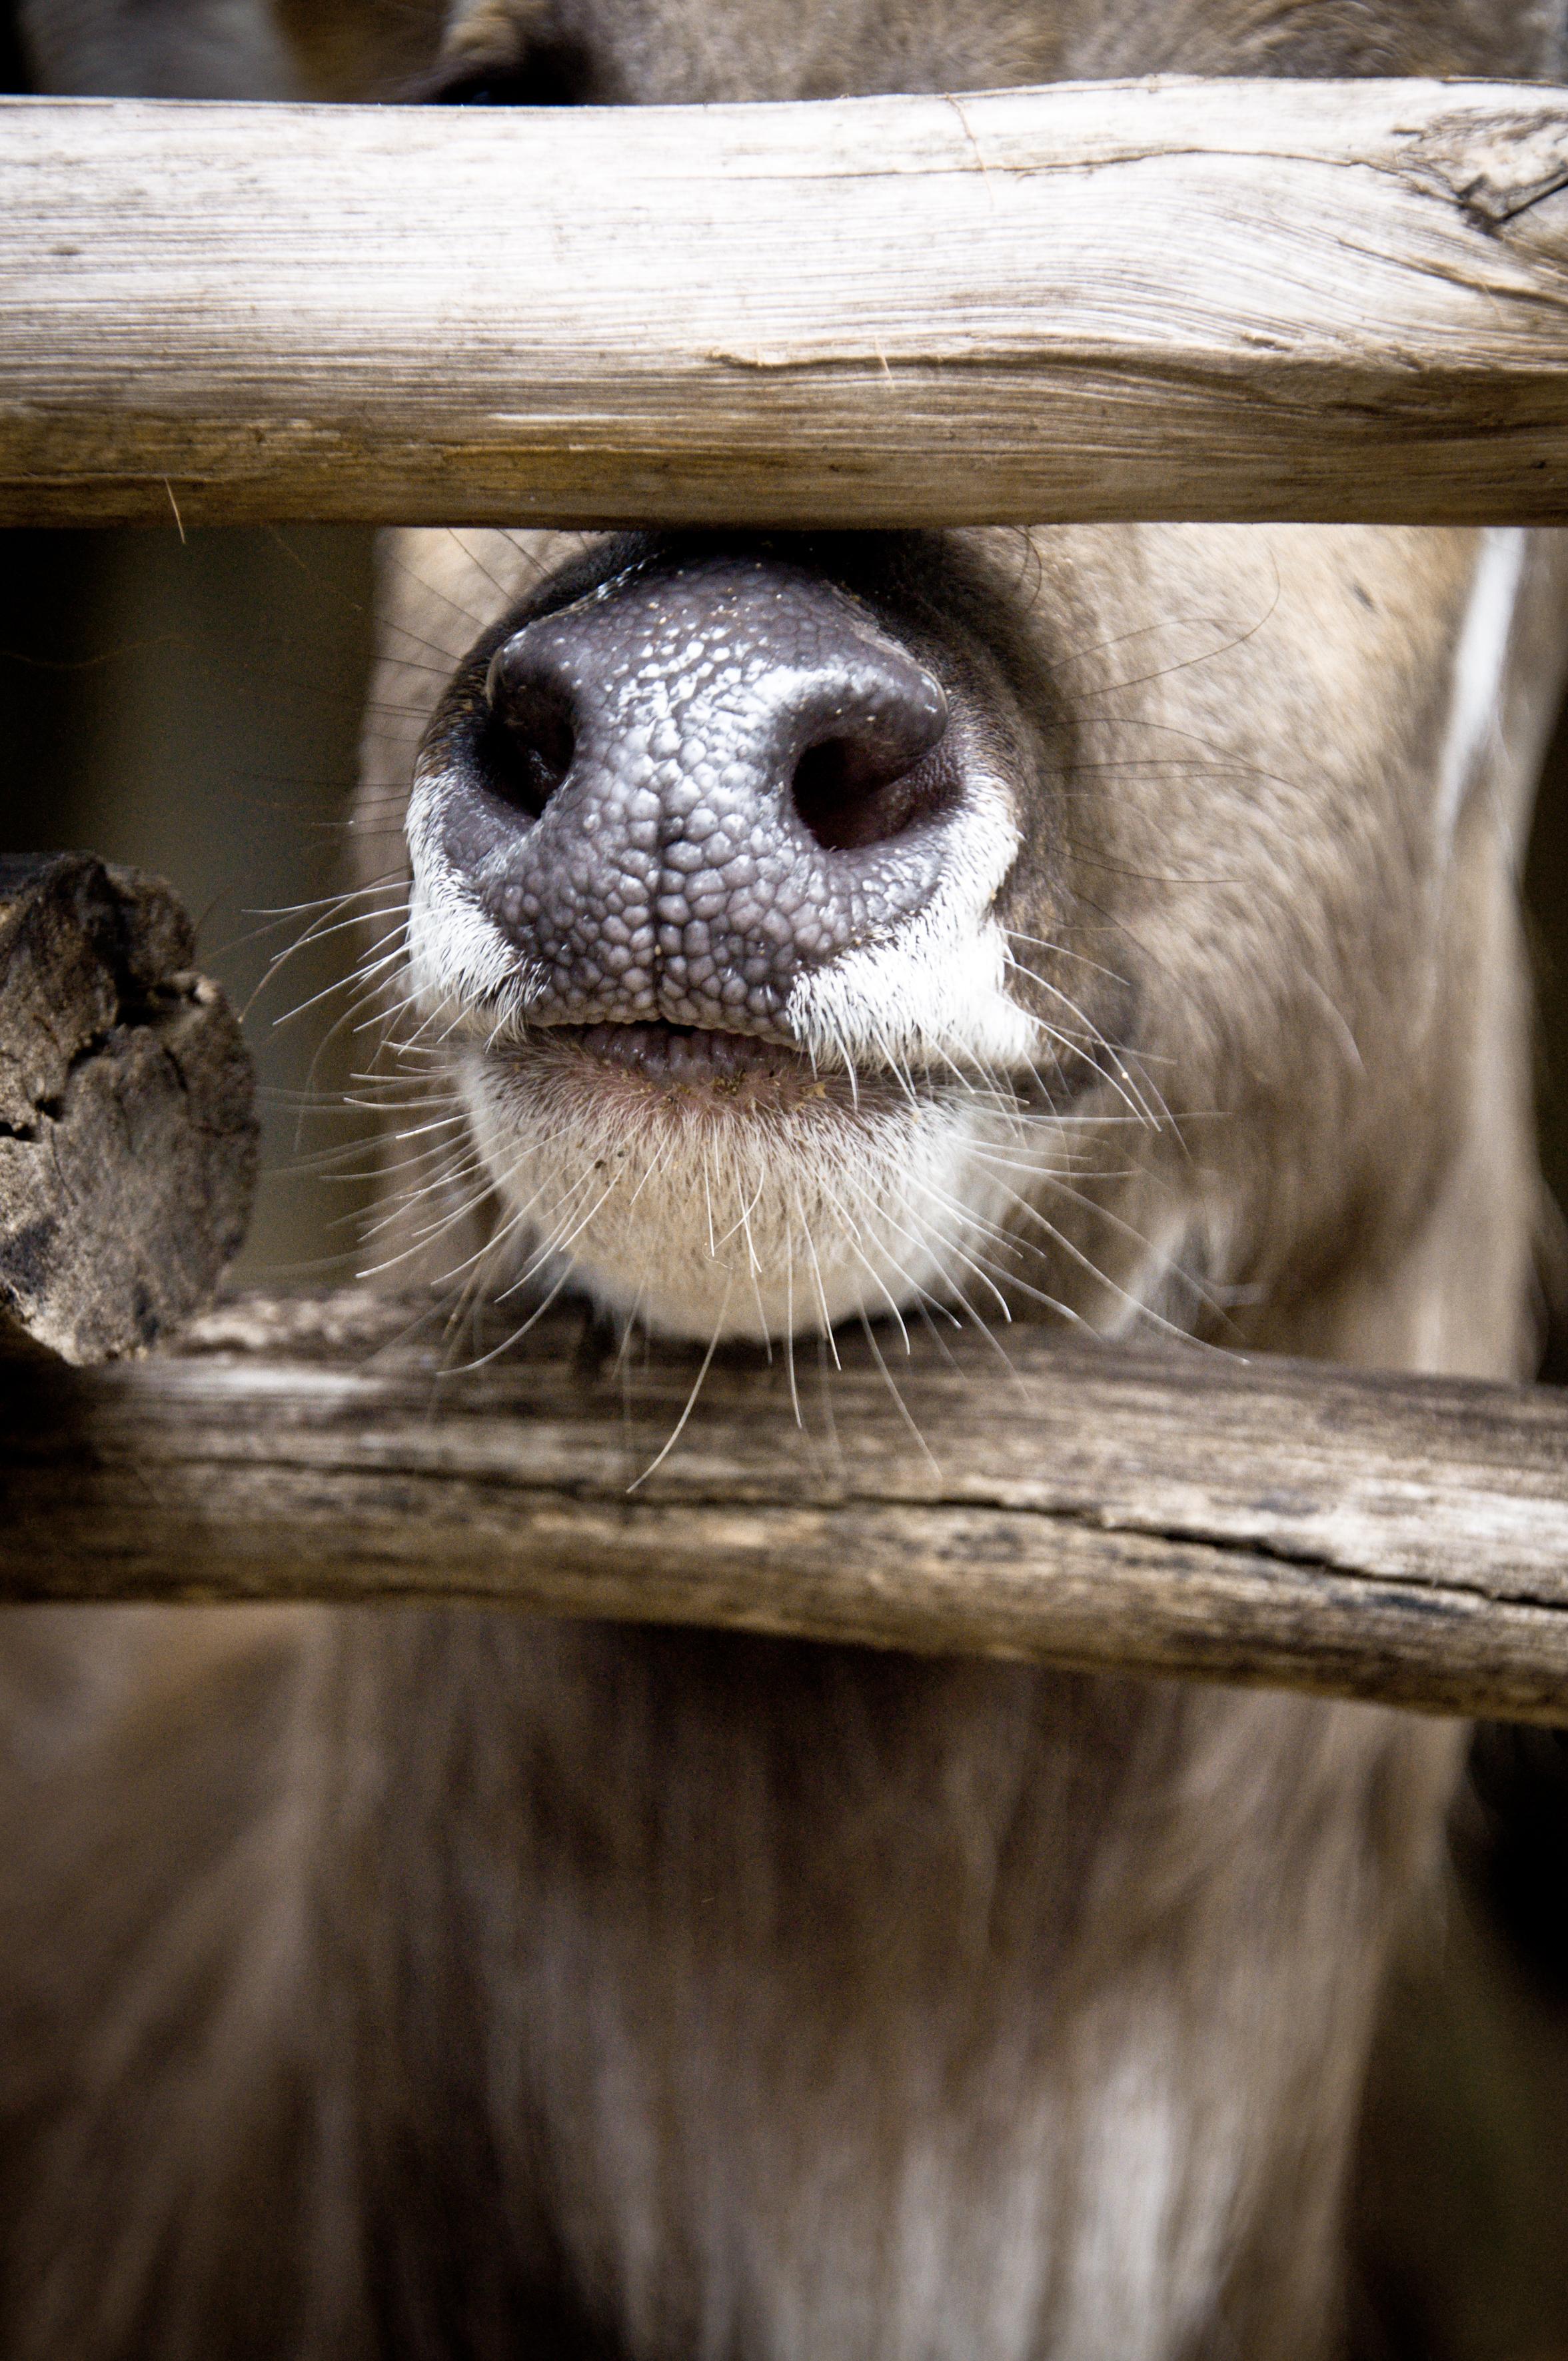 Deer nose, Season, Spring, Stag, Reindeer, HQ Photo